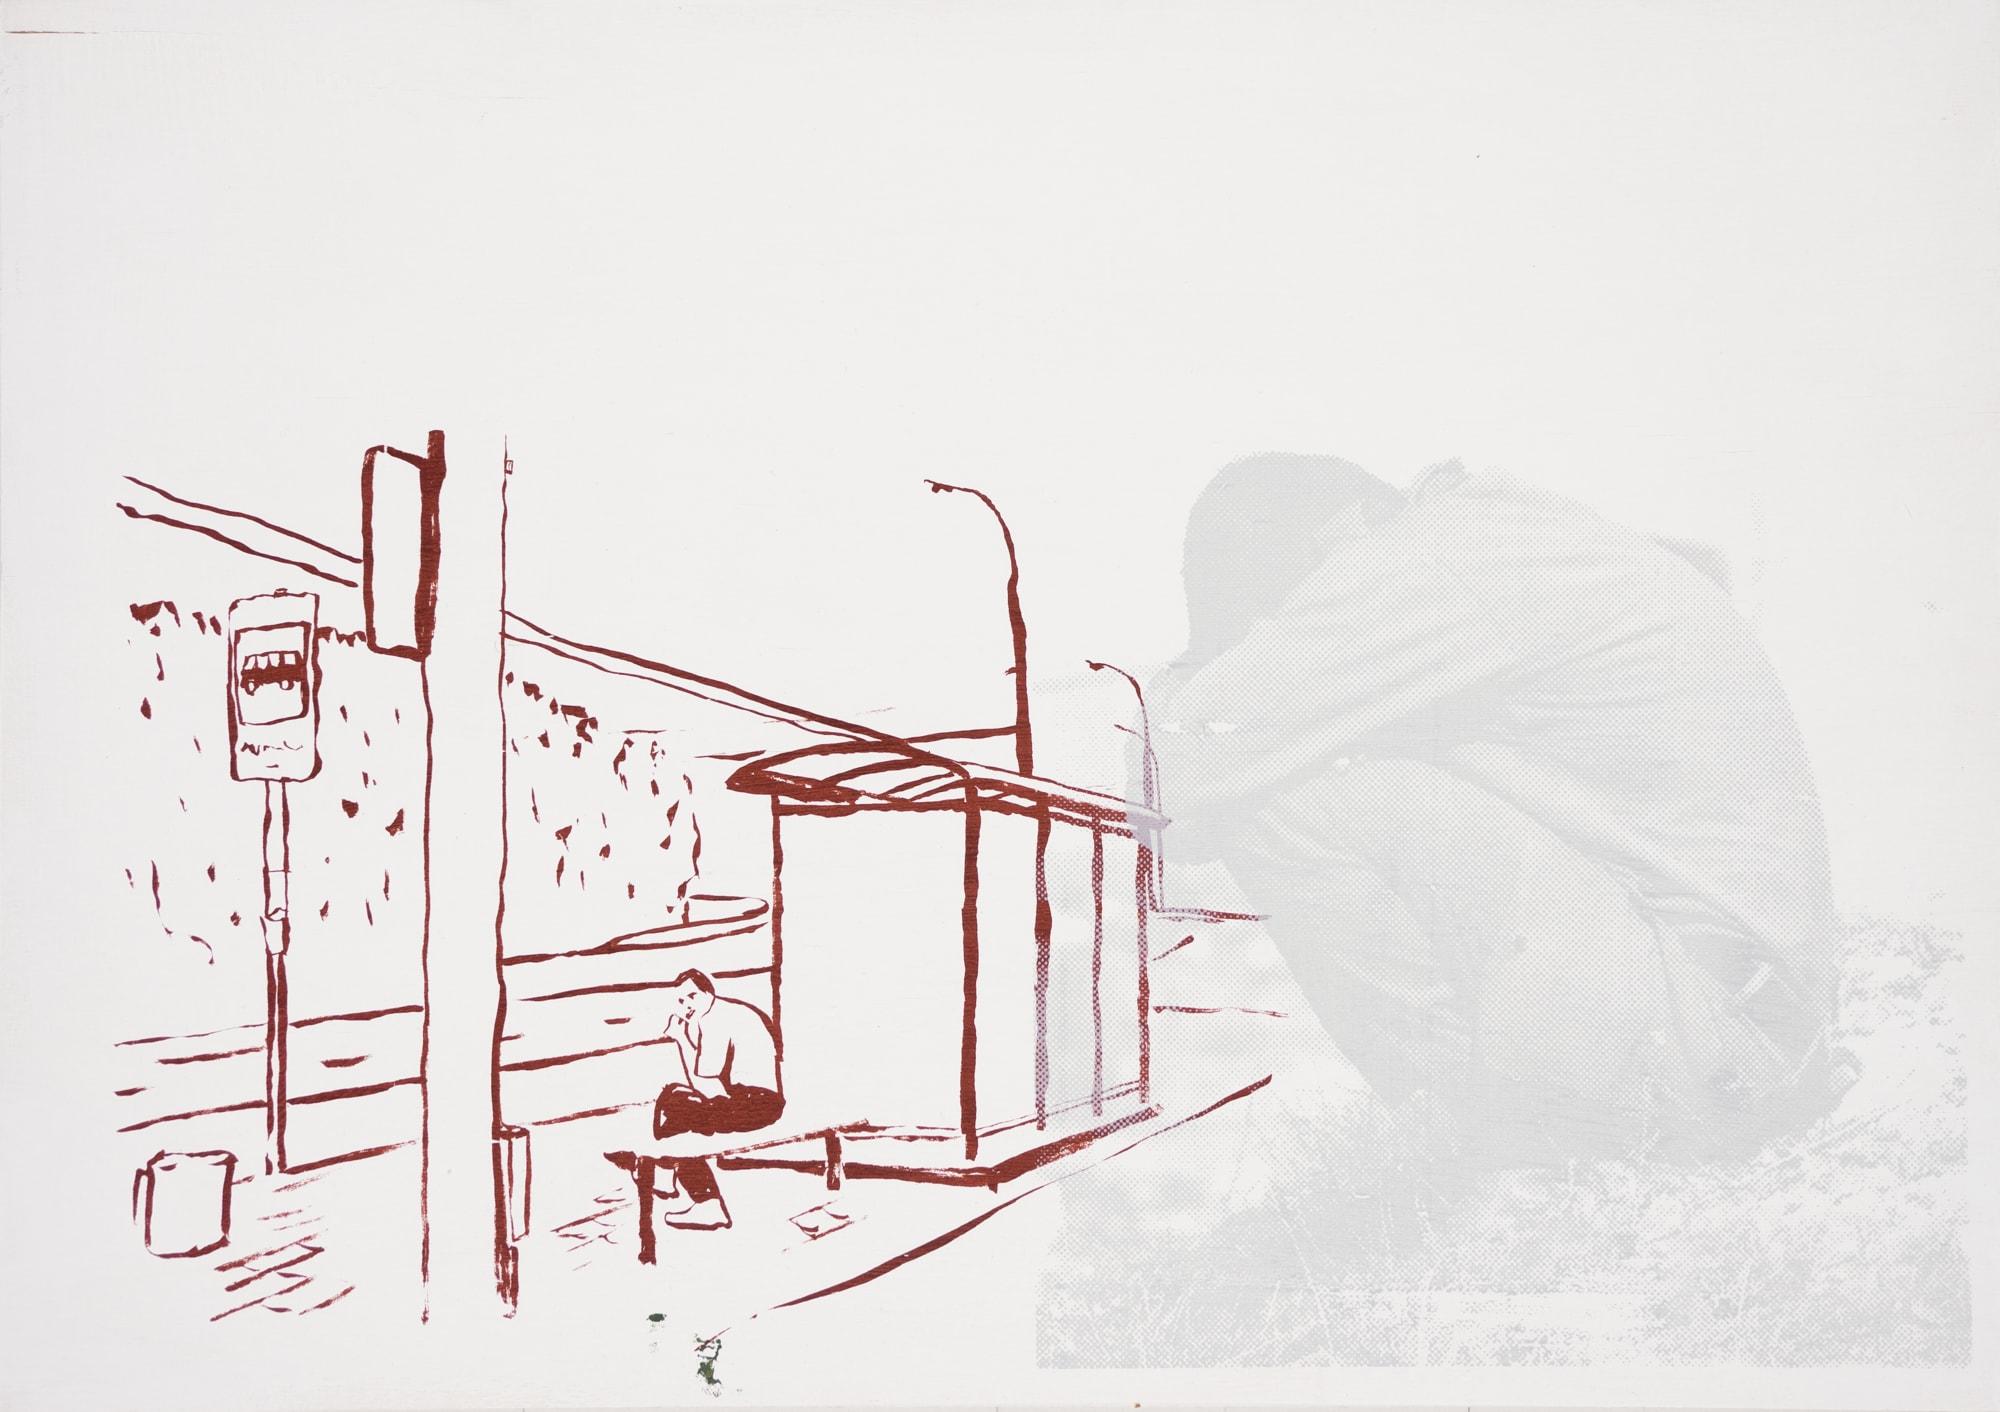 Druck, Siebdruck auf Holz, 42cm x 29,8cm, Mann sitzt an Haltestelle, überlagert von kauernder Figur, artist: Franziska King